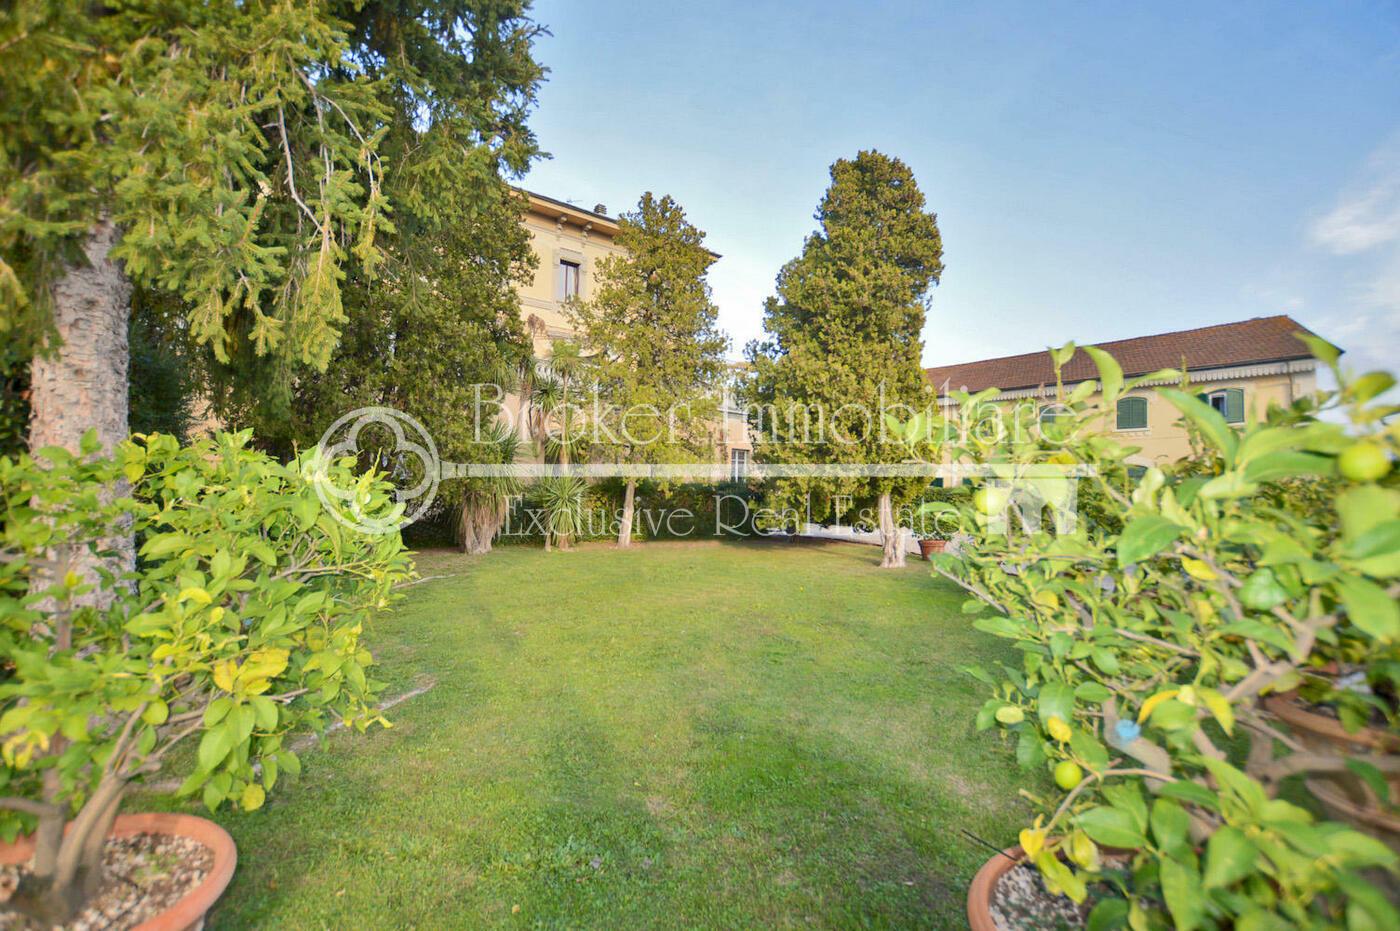 Appartamento in vendita a Lucca con grande terrazza e ampio garage